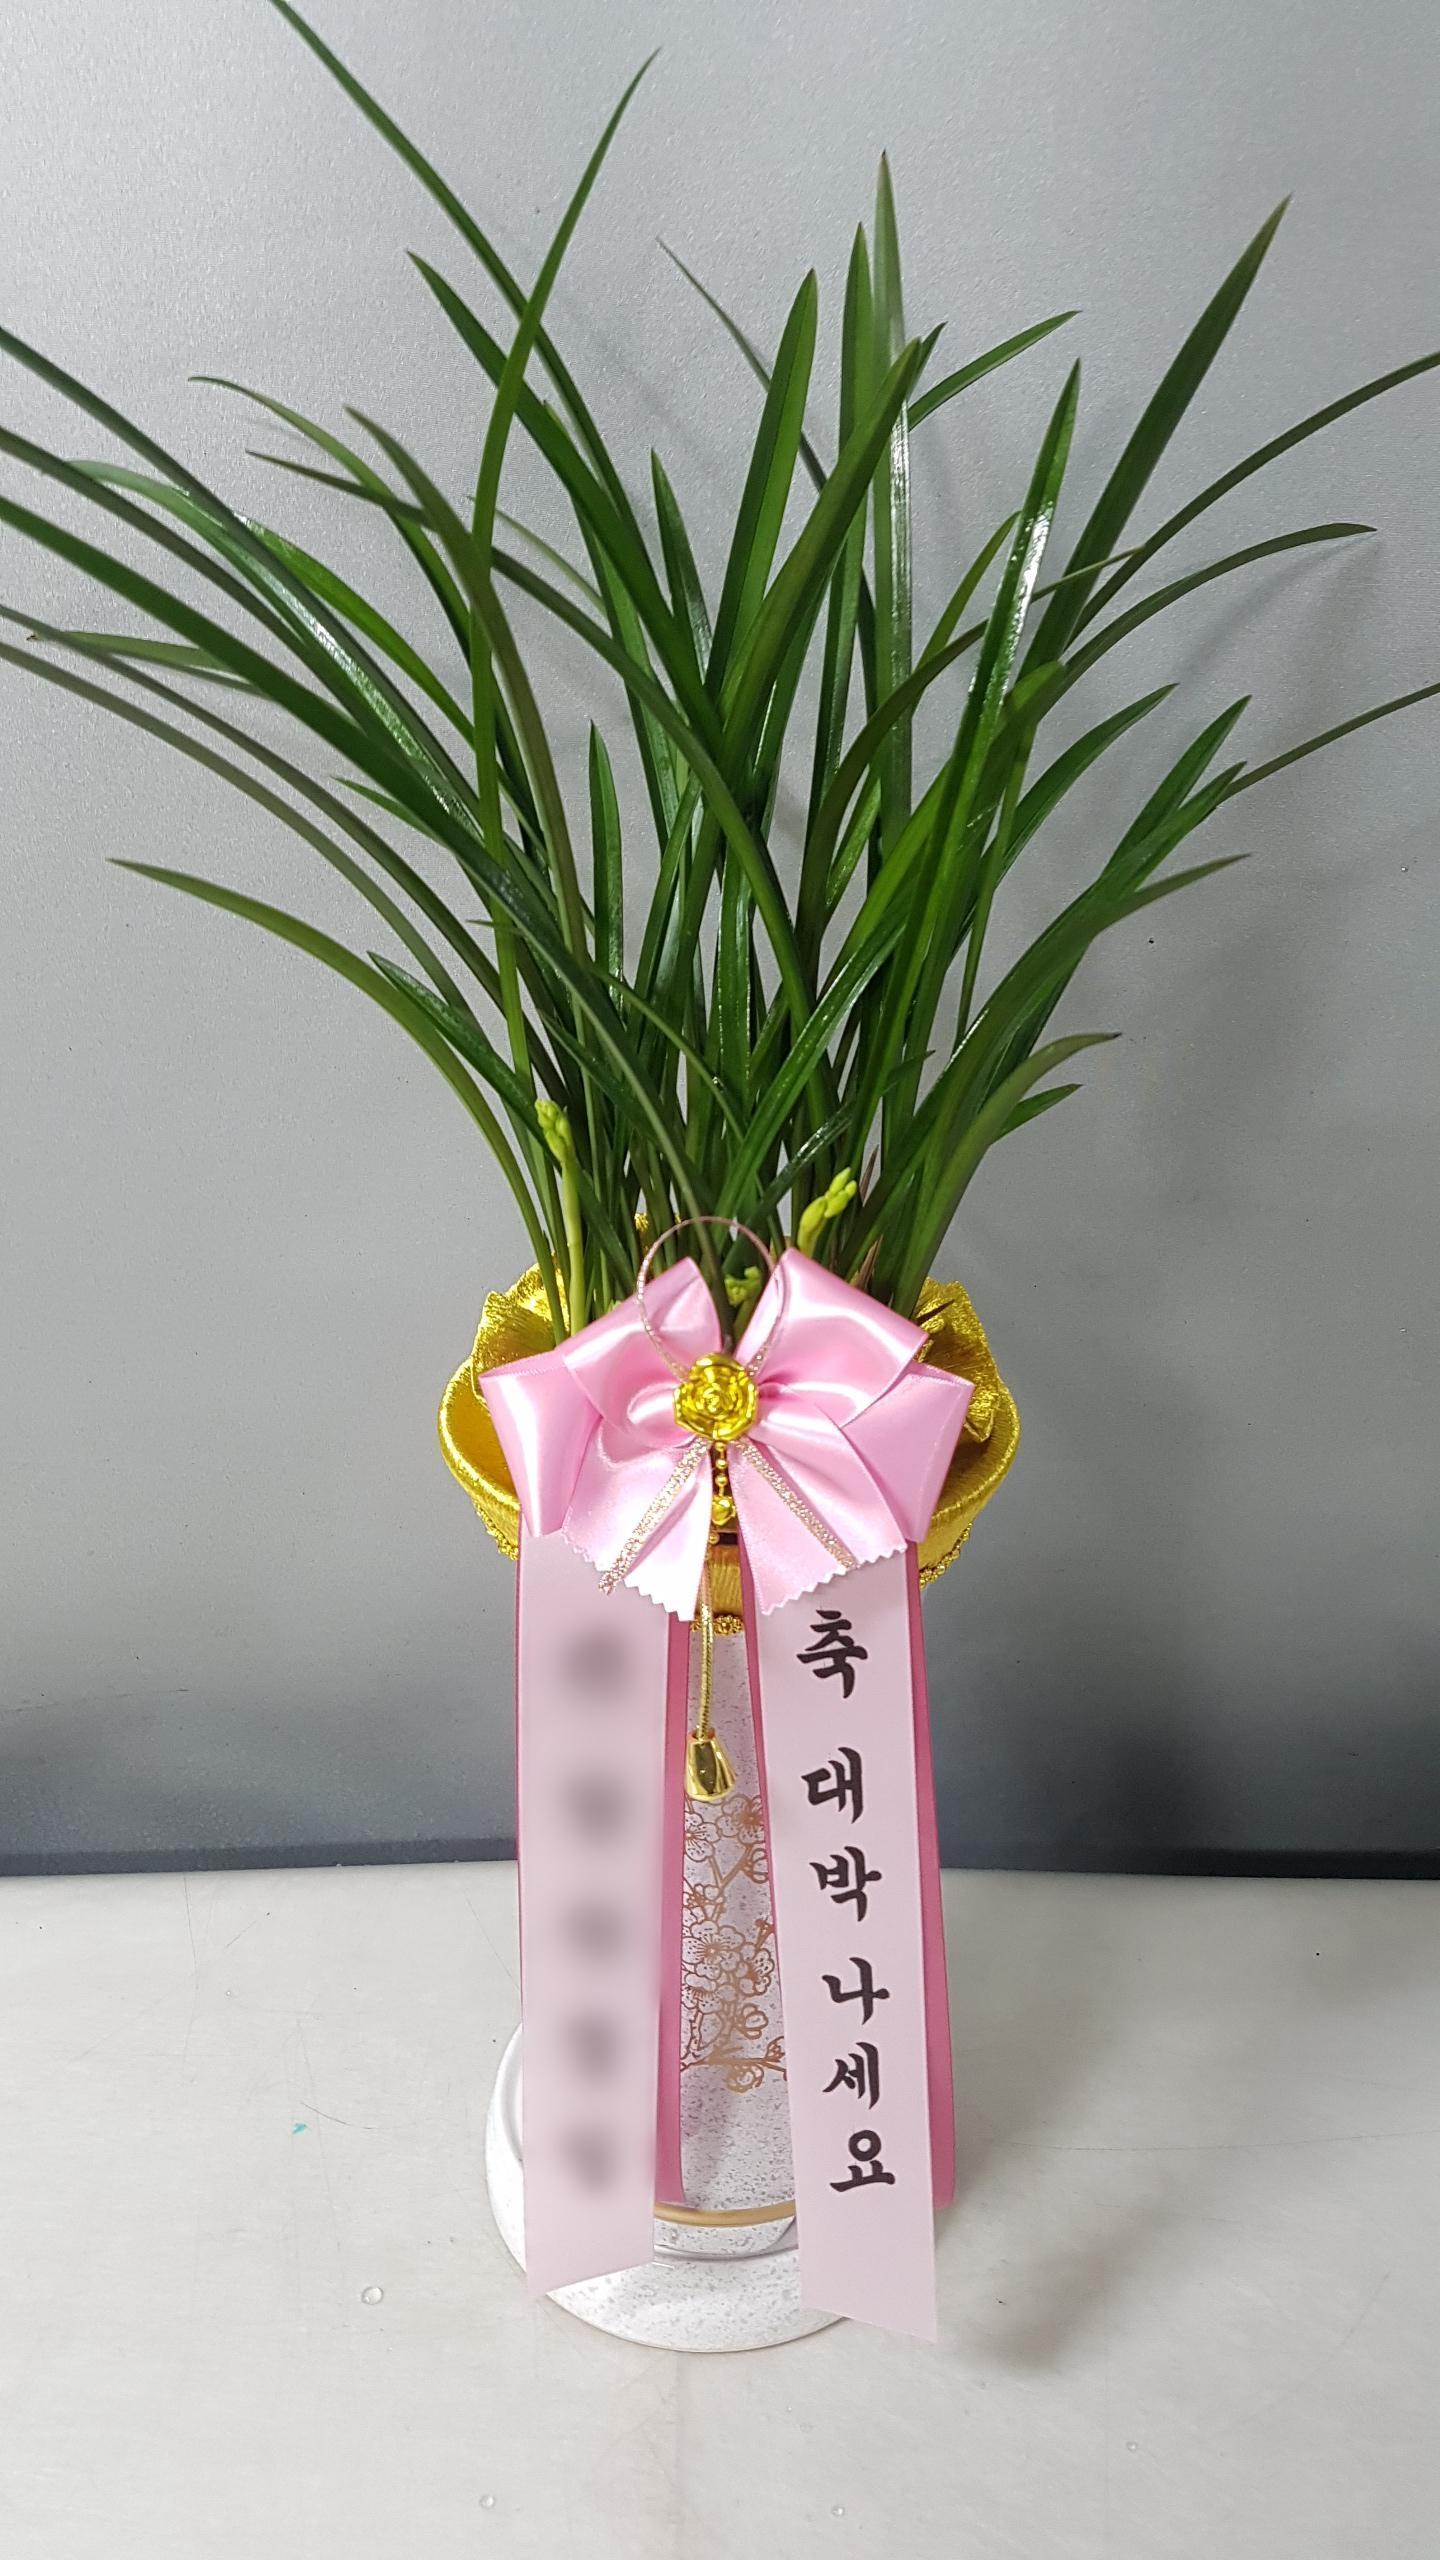 주문자 박ㅇㅇ 경기도 의왕으로 배송된 상품사진입니다